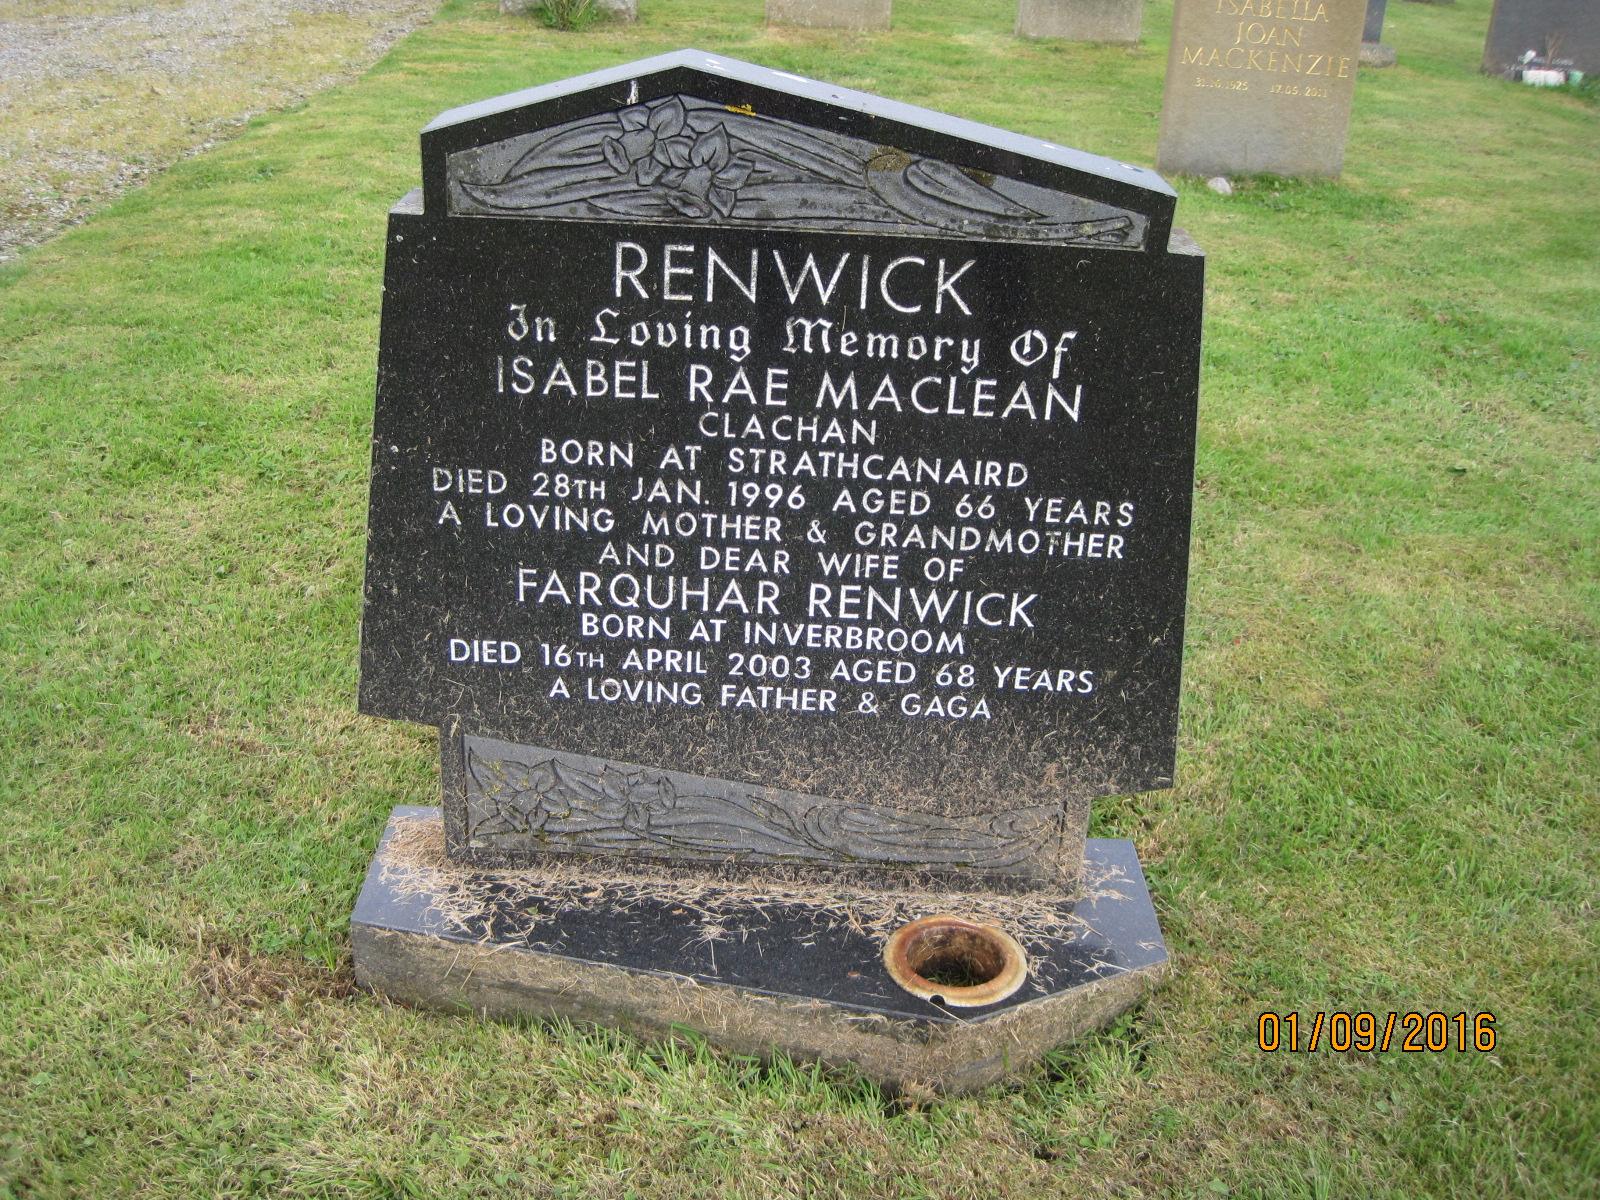 Isabel Rae Maclean 1996